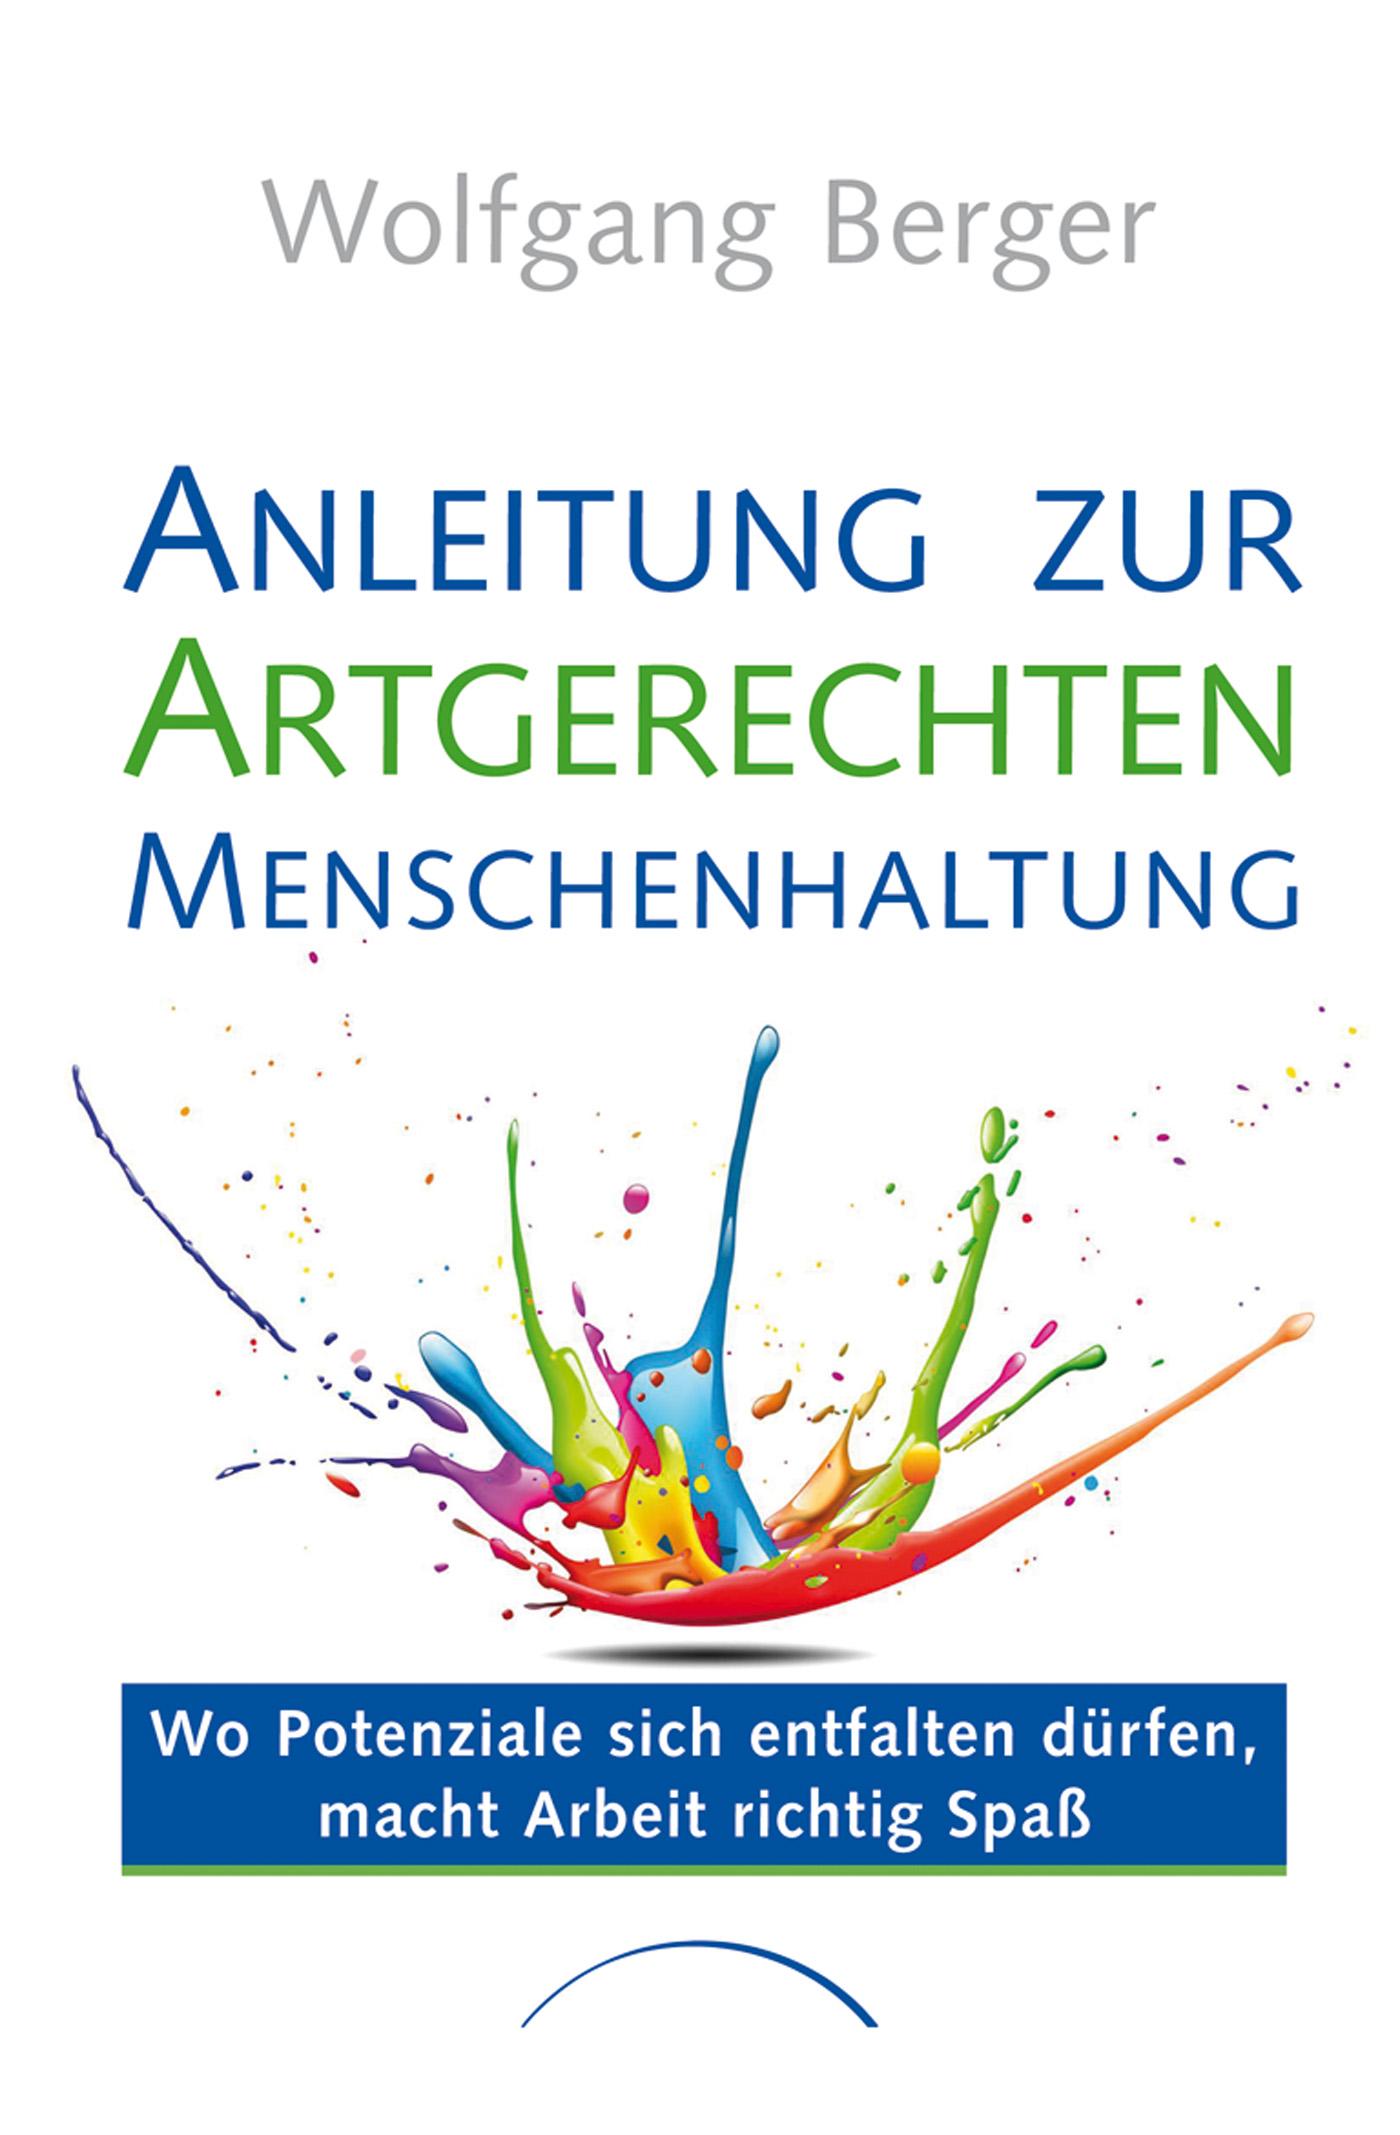 Prof. Dr. Wolfgang Berger Anleitung zur Artgerechten Menschenhaltung im Unternehmen f x gabelsberger anleitung zur deutschen rede zeichen kunst oder stenographie